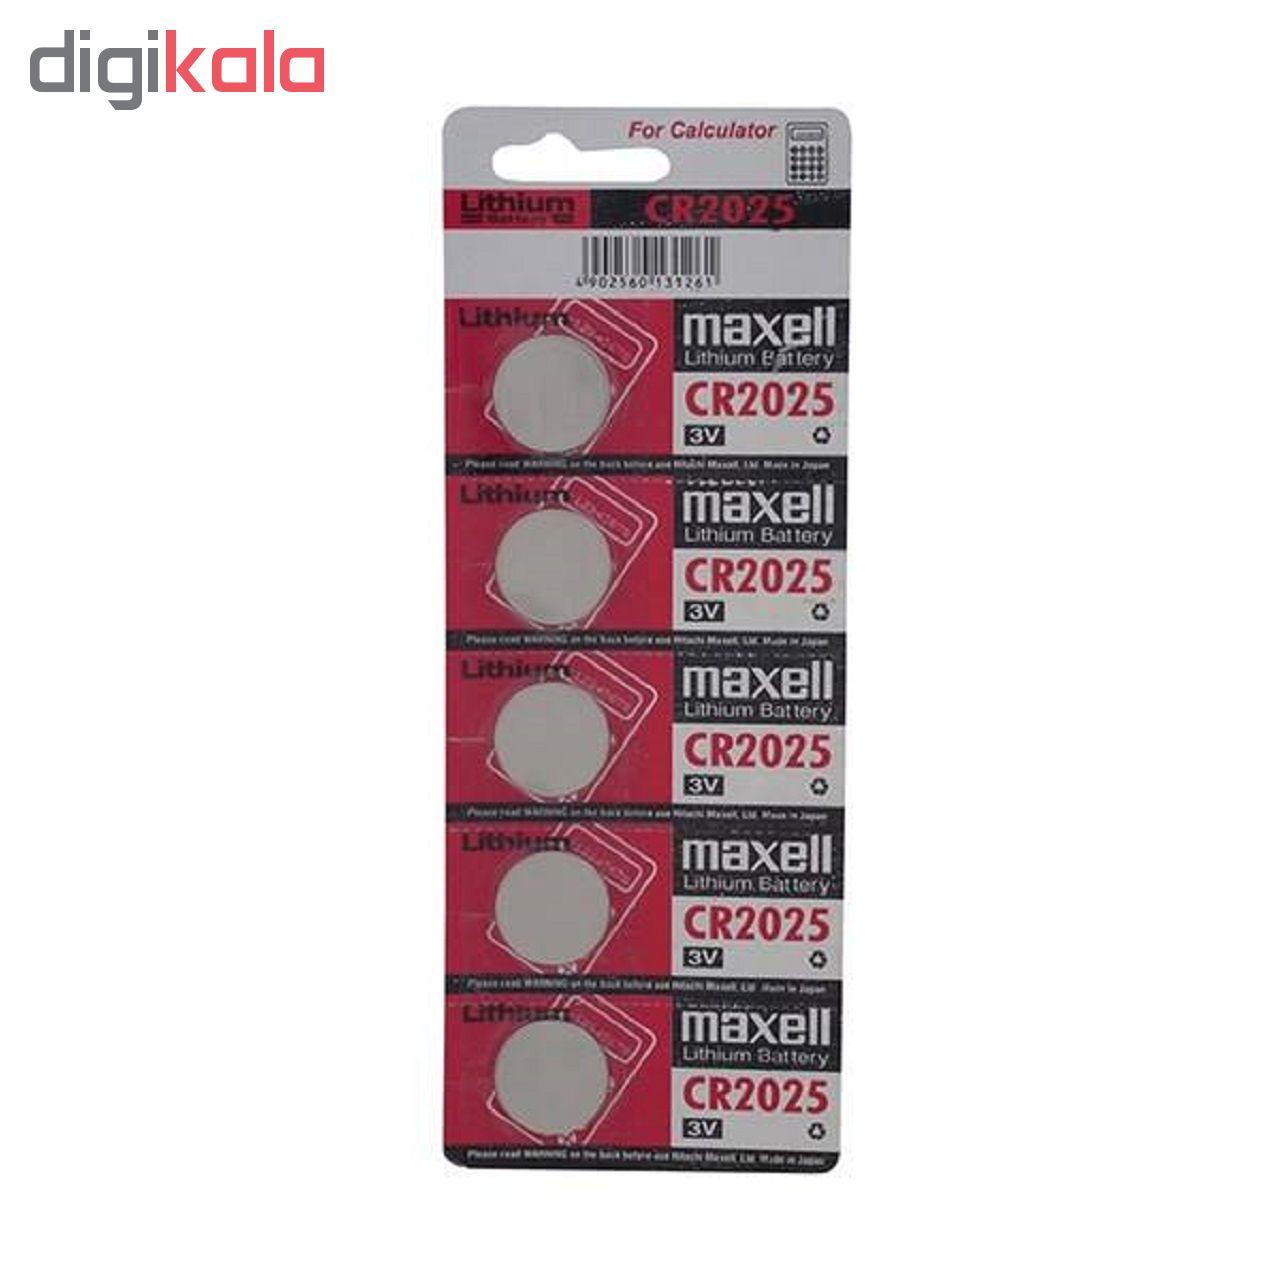 باتری سکه ای مکسل مدل CR2025 بسته 5 عددی main 1 1